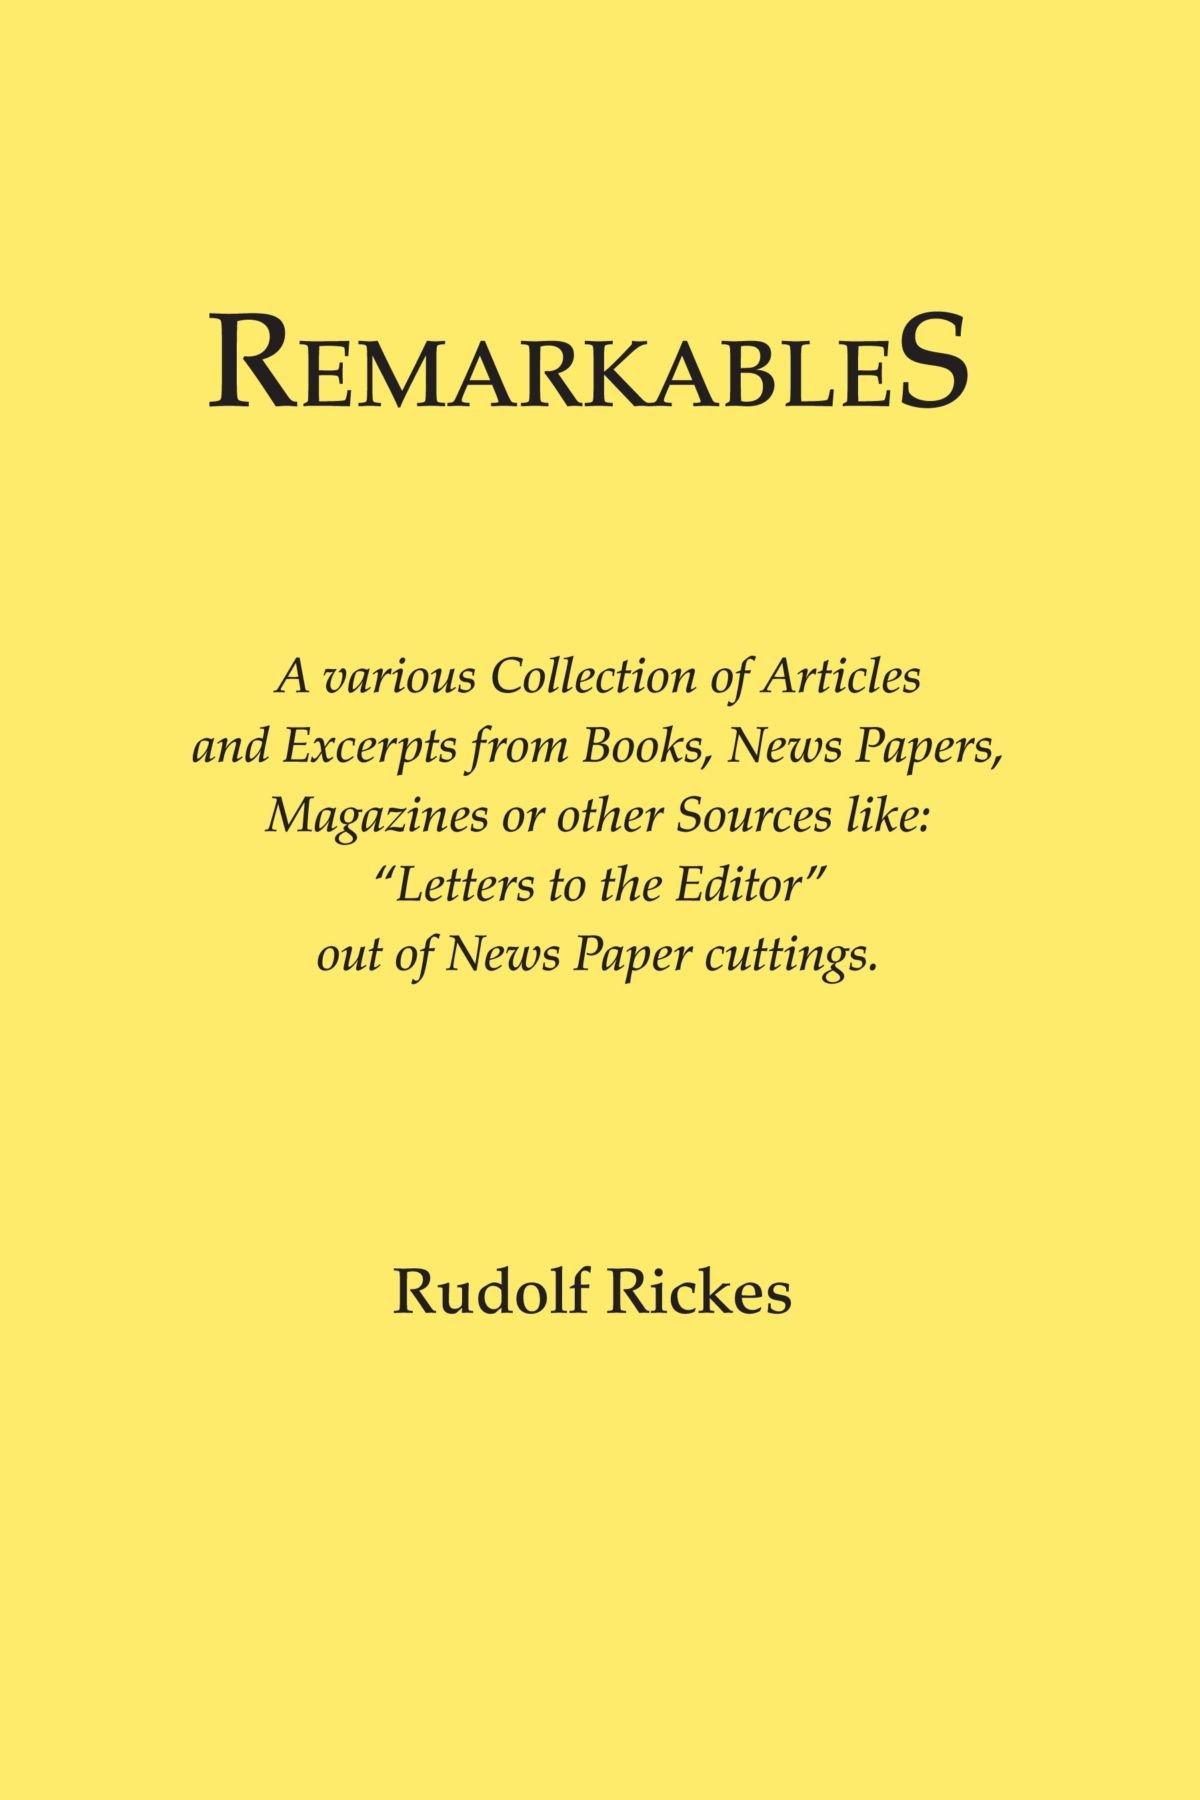 Remarkables pdf